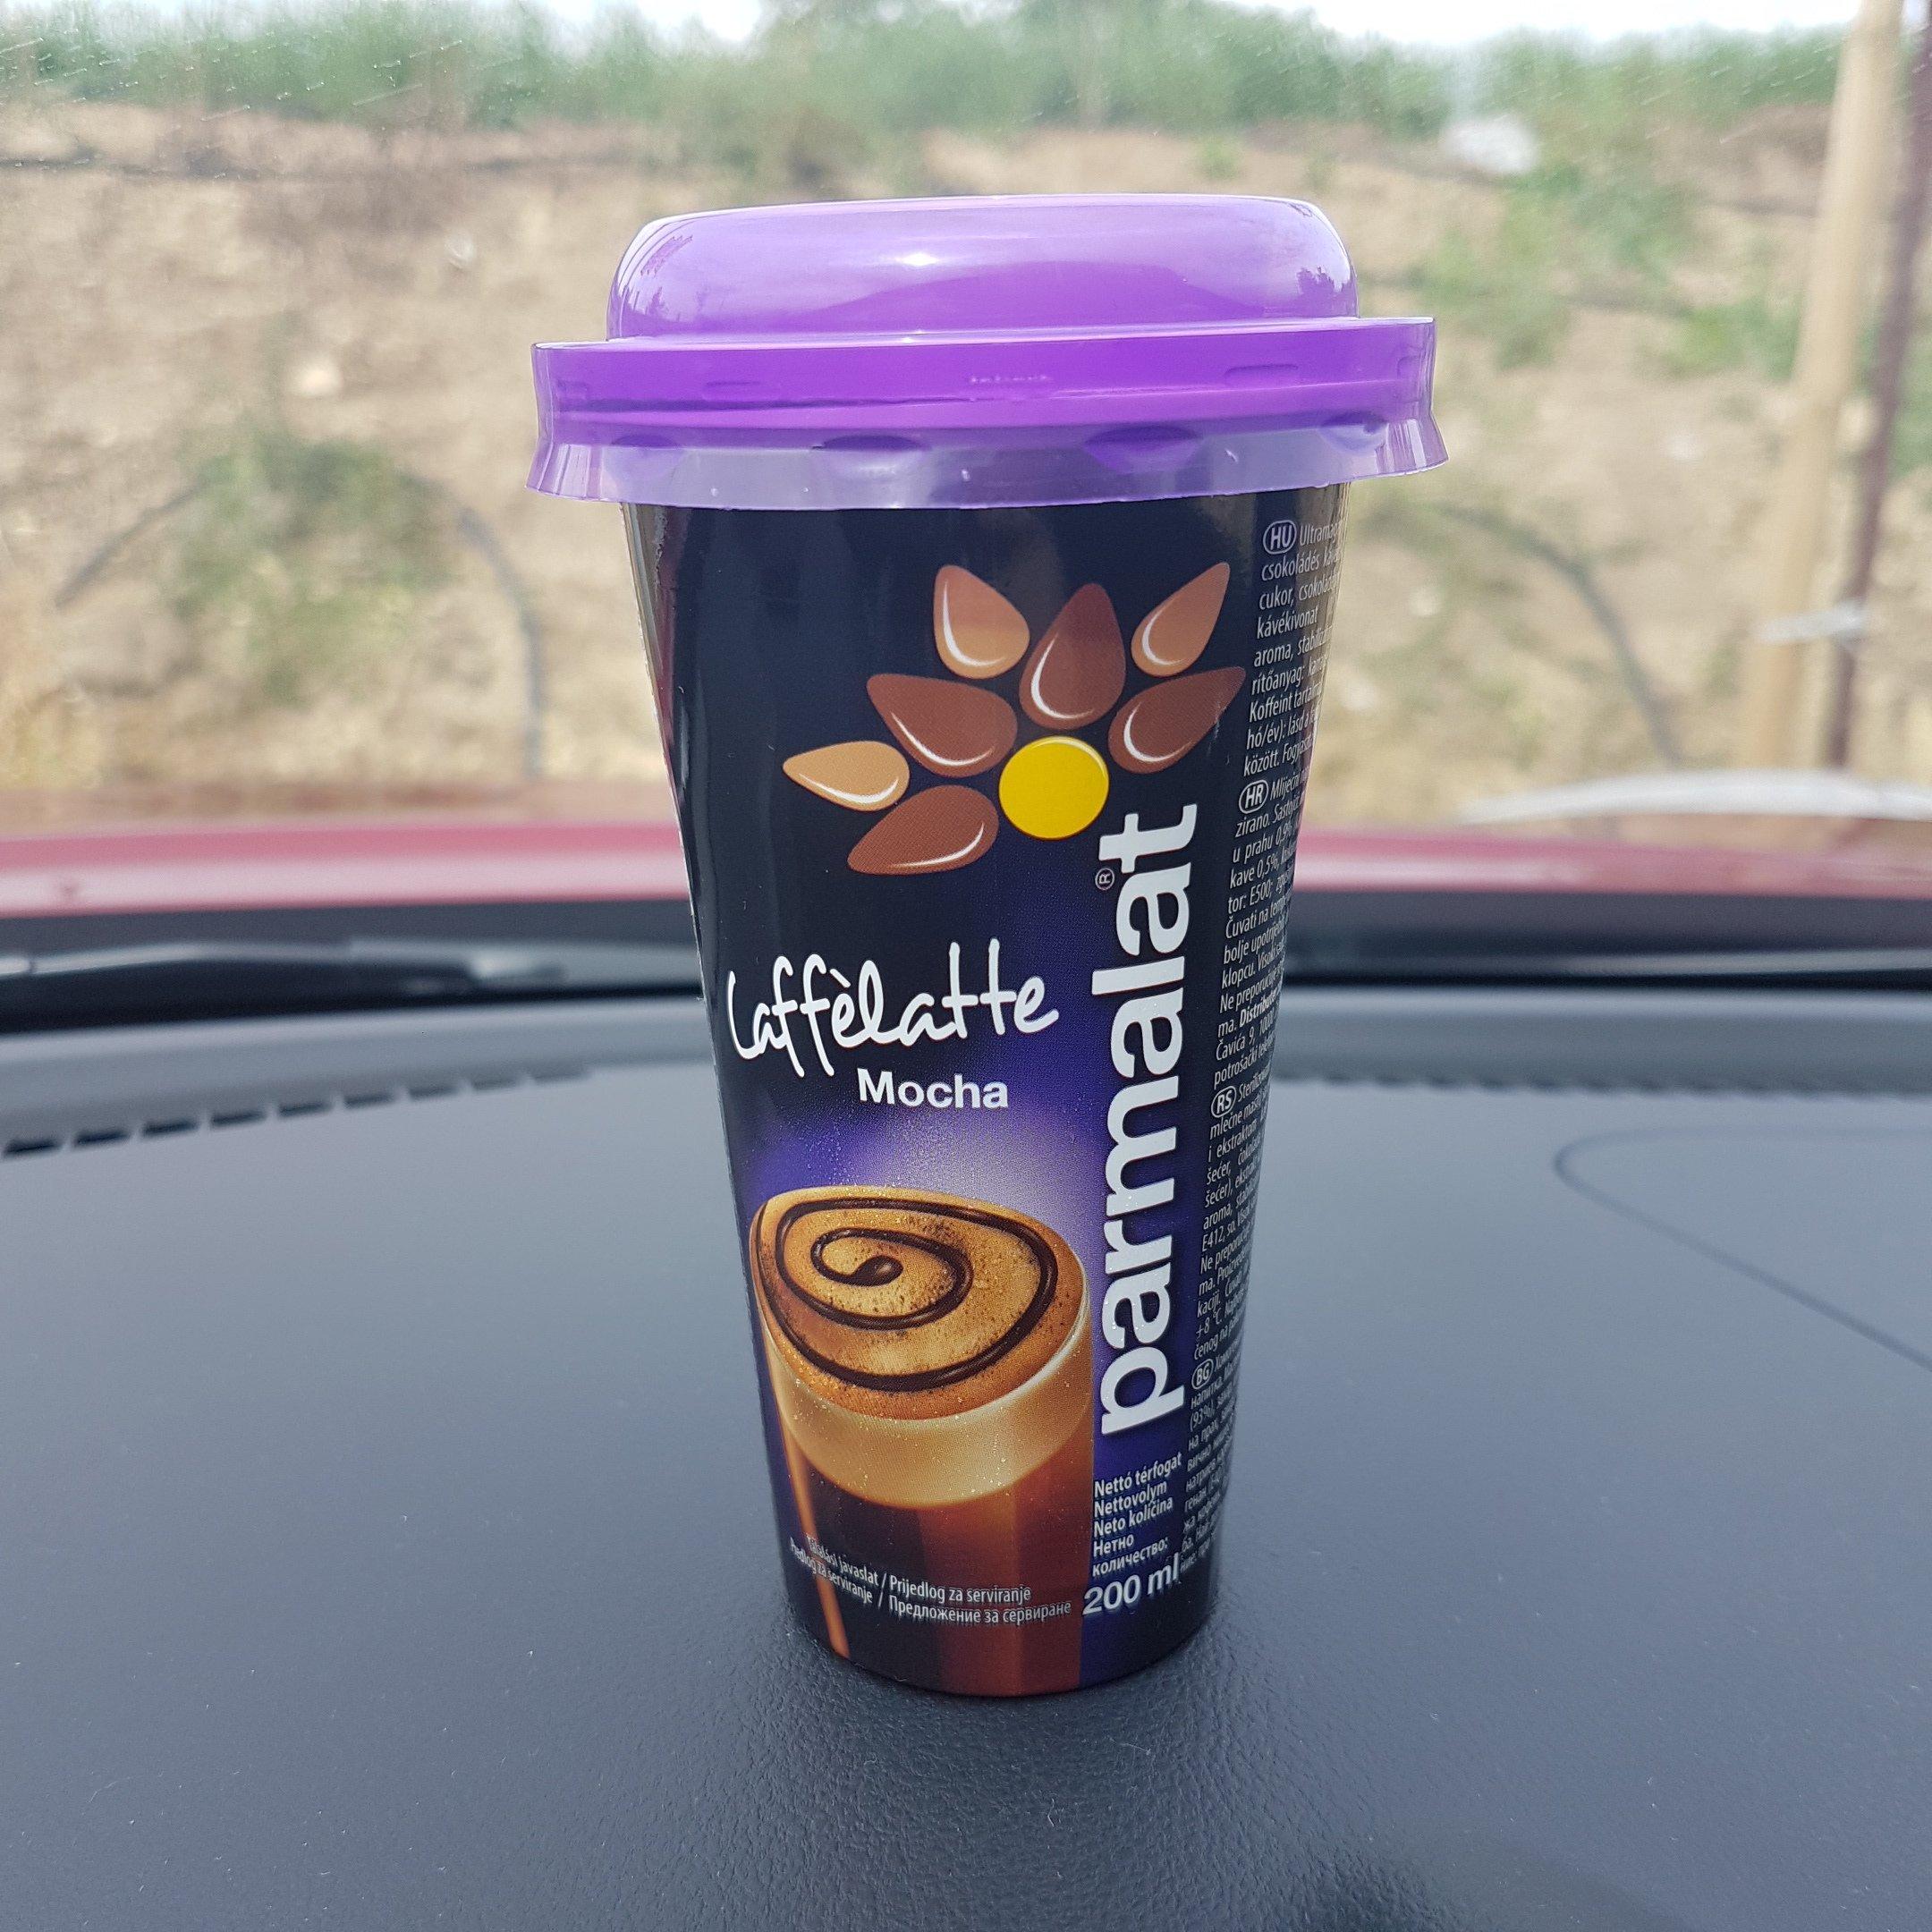 Parmalat® - Caffèlatte Mocha - itstartswithacoffee.com #parmalat #caffelatte #mocha #coffee